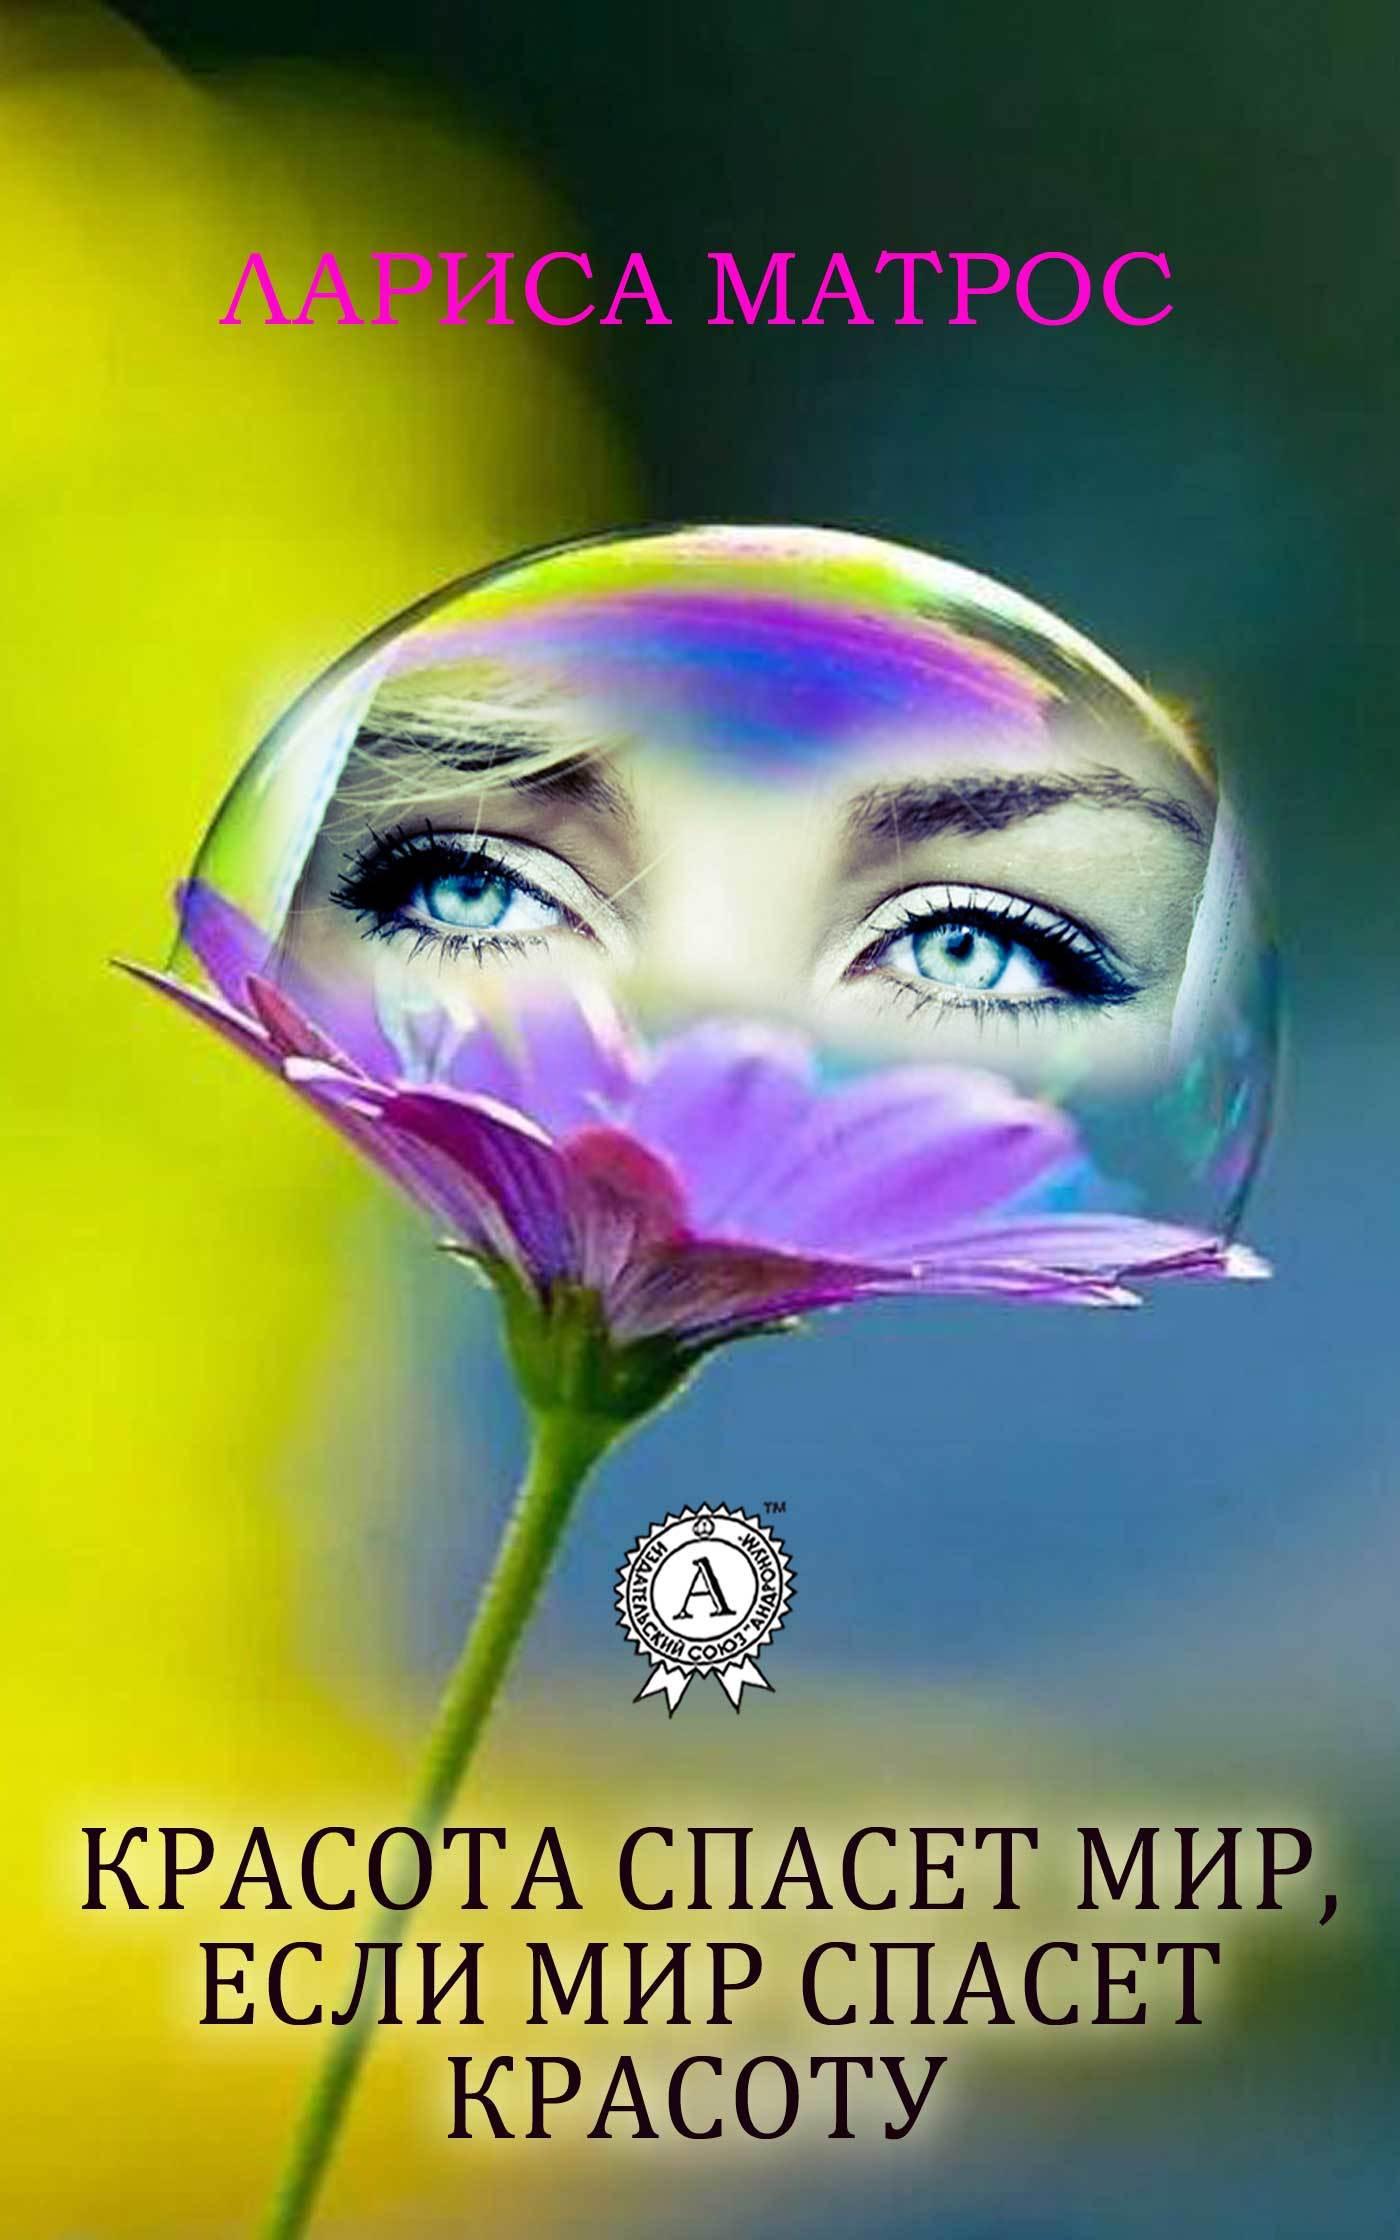 Красота спасет мир, если мир спасет красоту